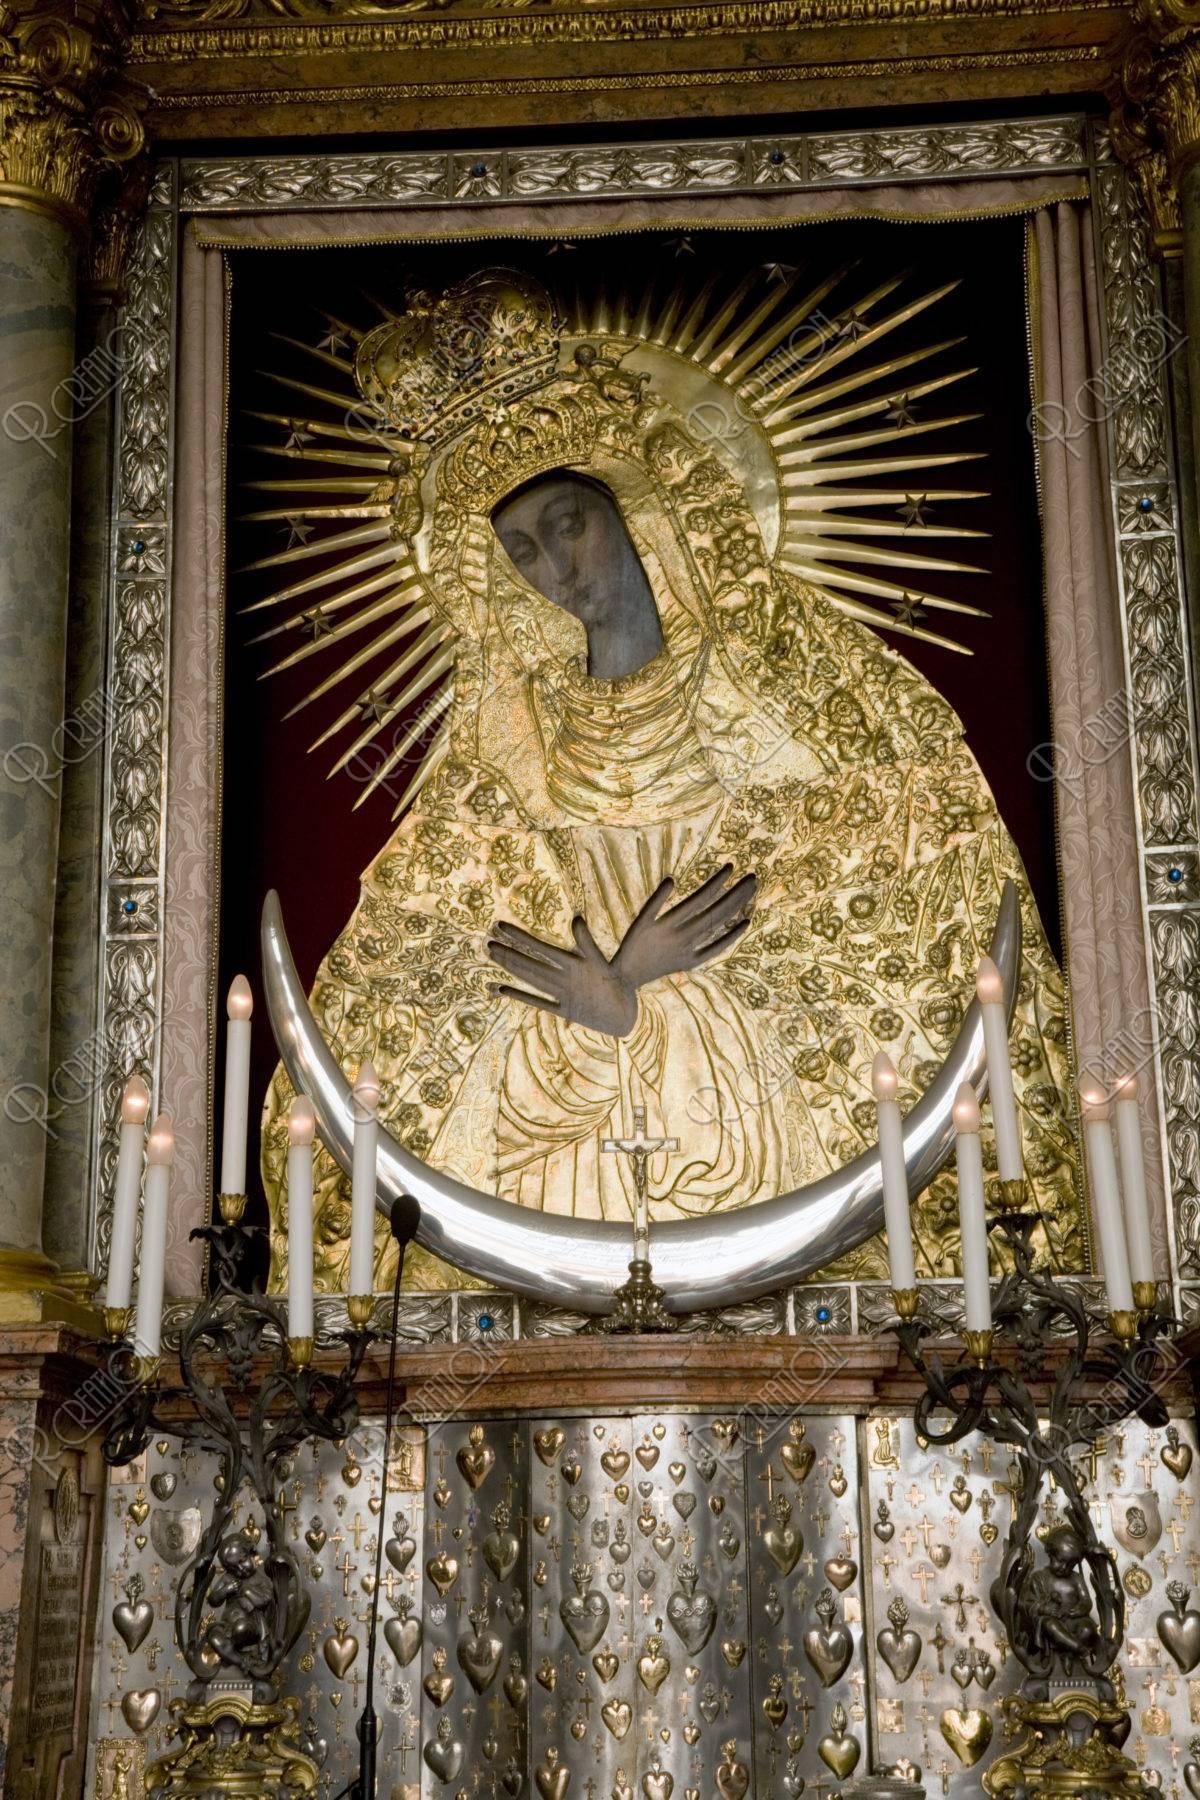 聖母マリアのイコン 世界遺産